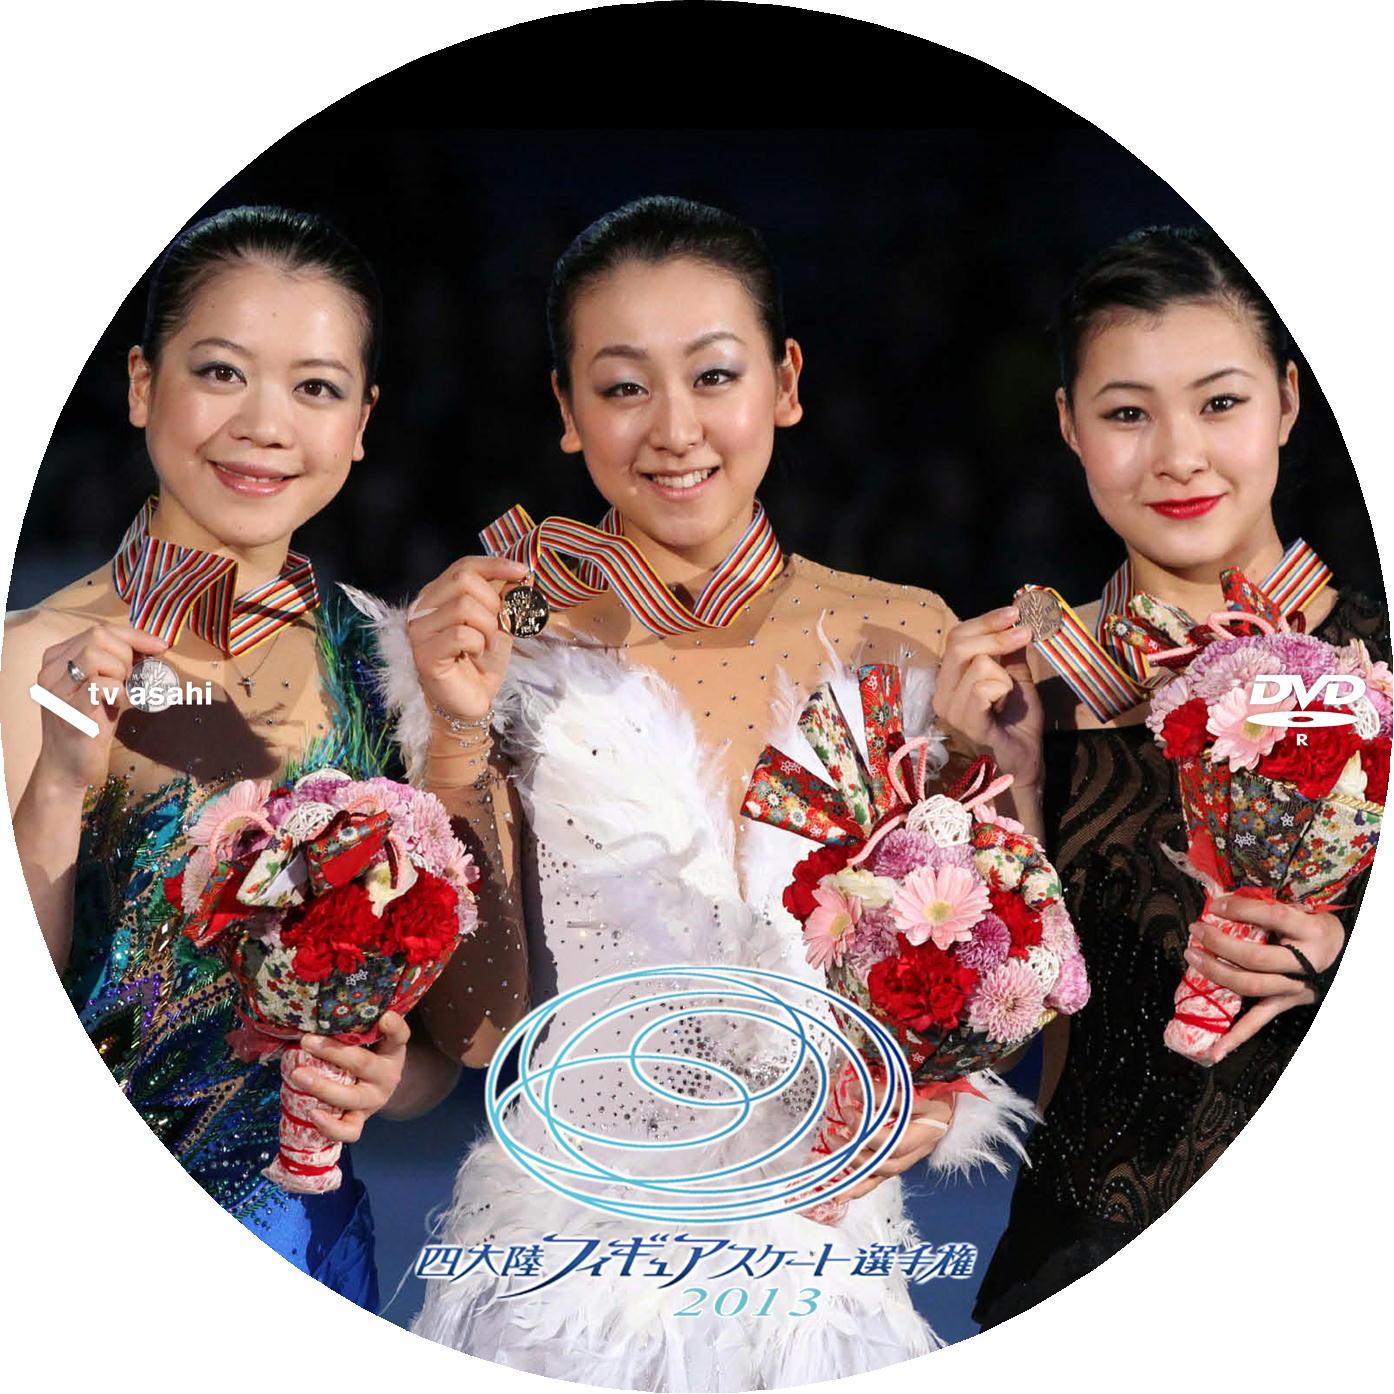 四大陸女子表彰DVDラベル